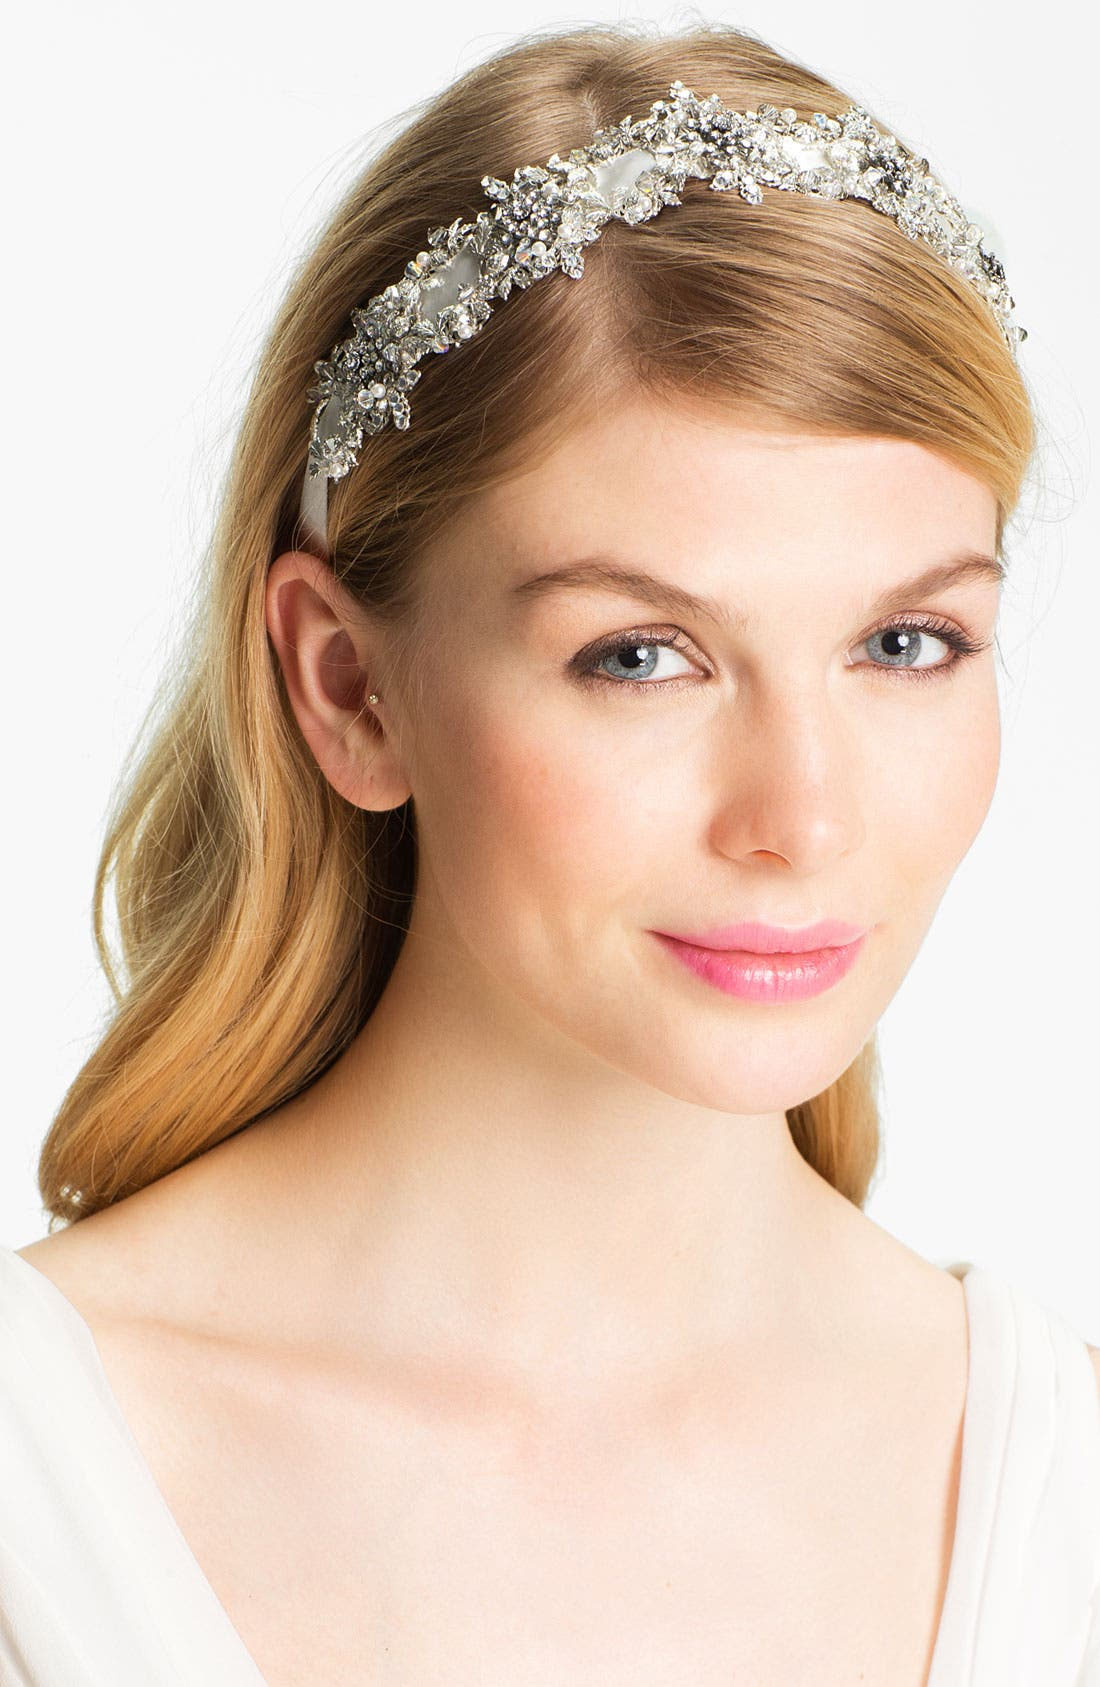 Main Image - Halo & Co 'My Fairy Lady' Crystal Ribbon Headband